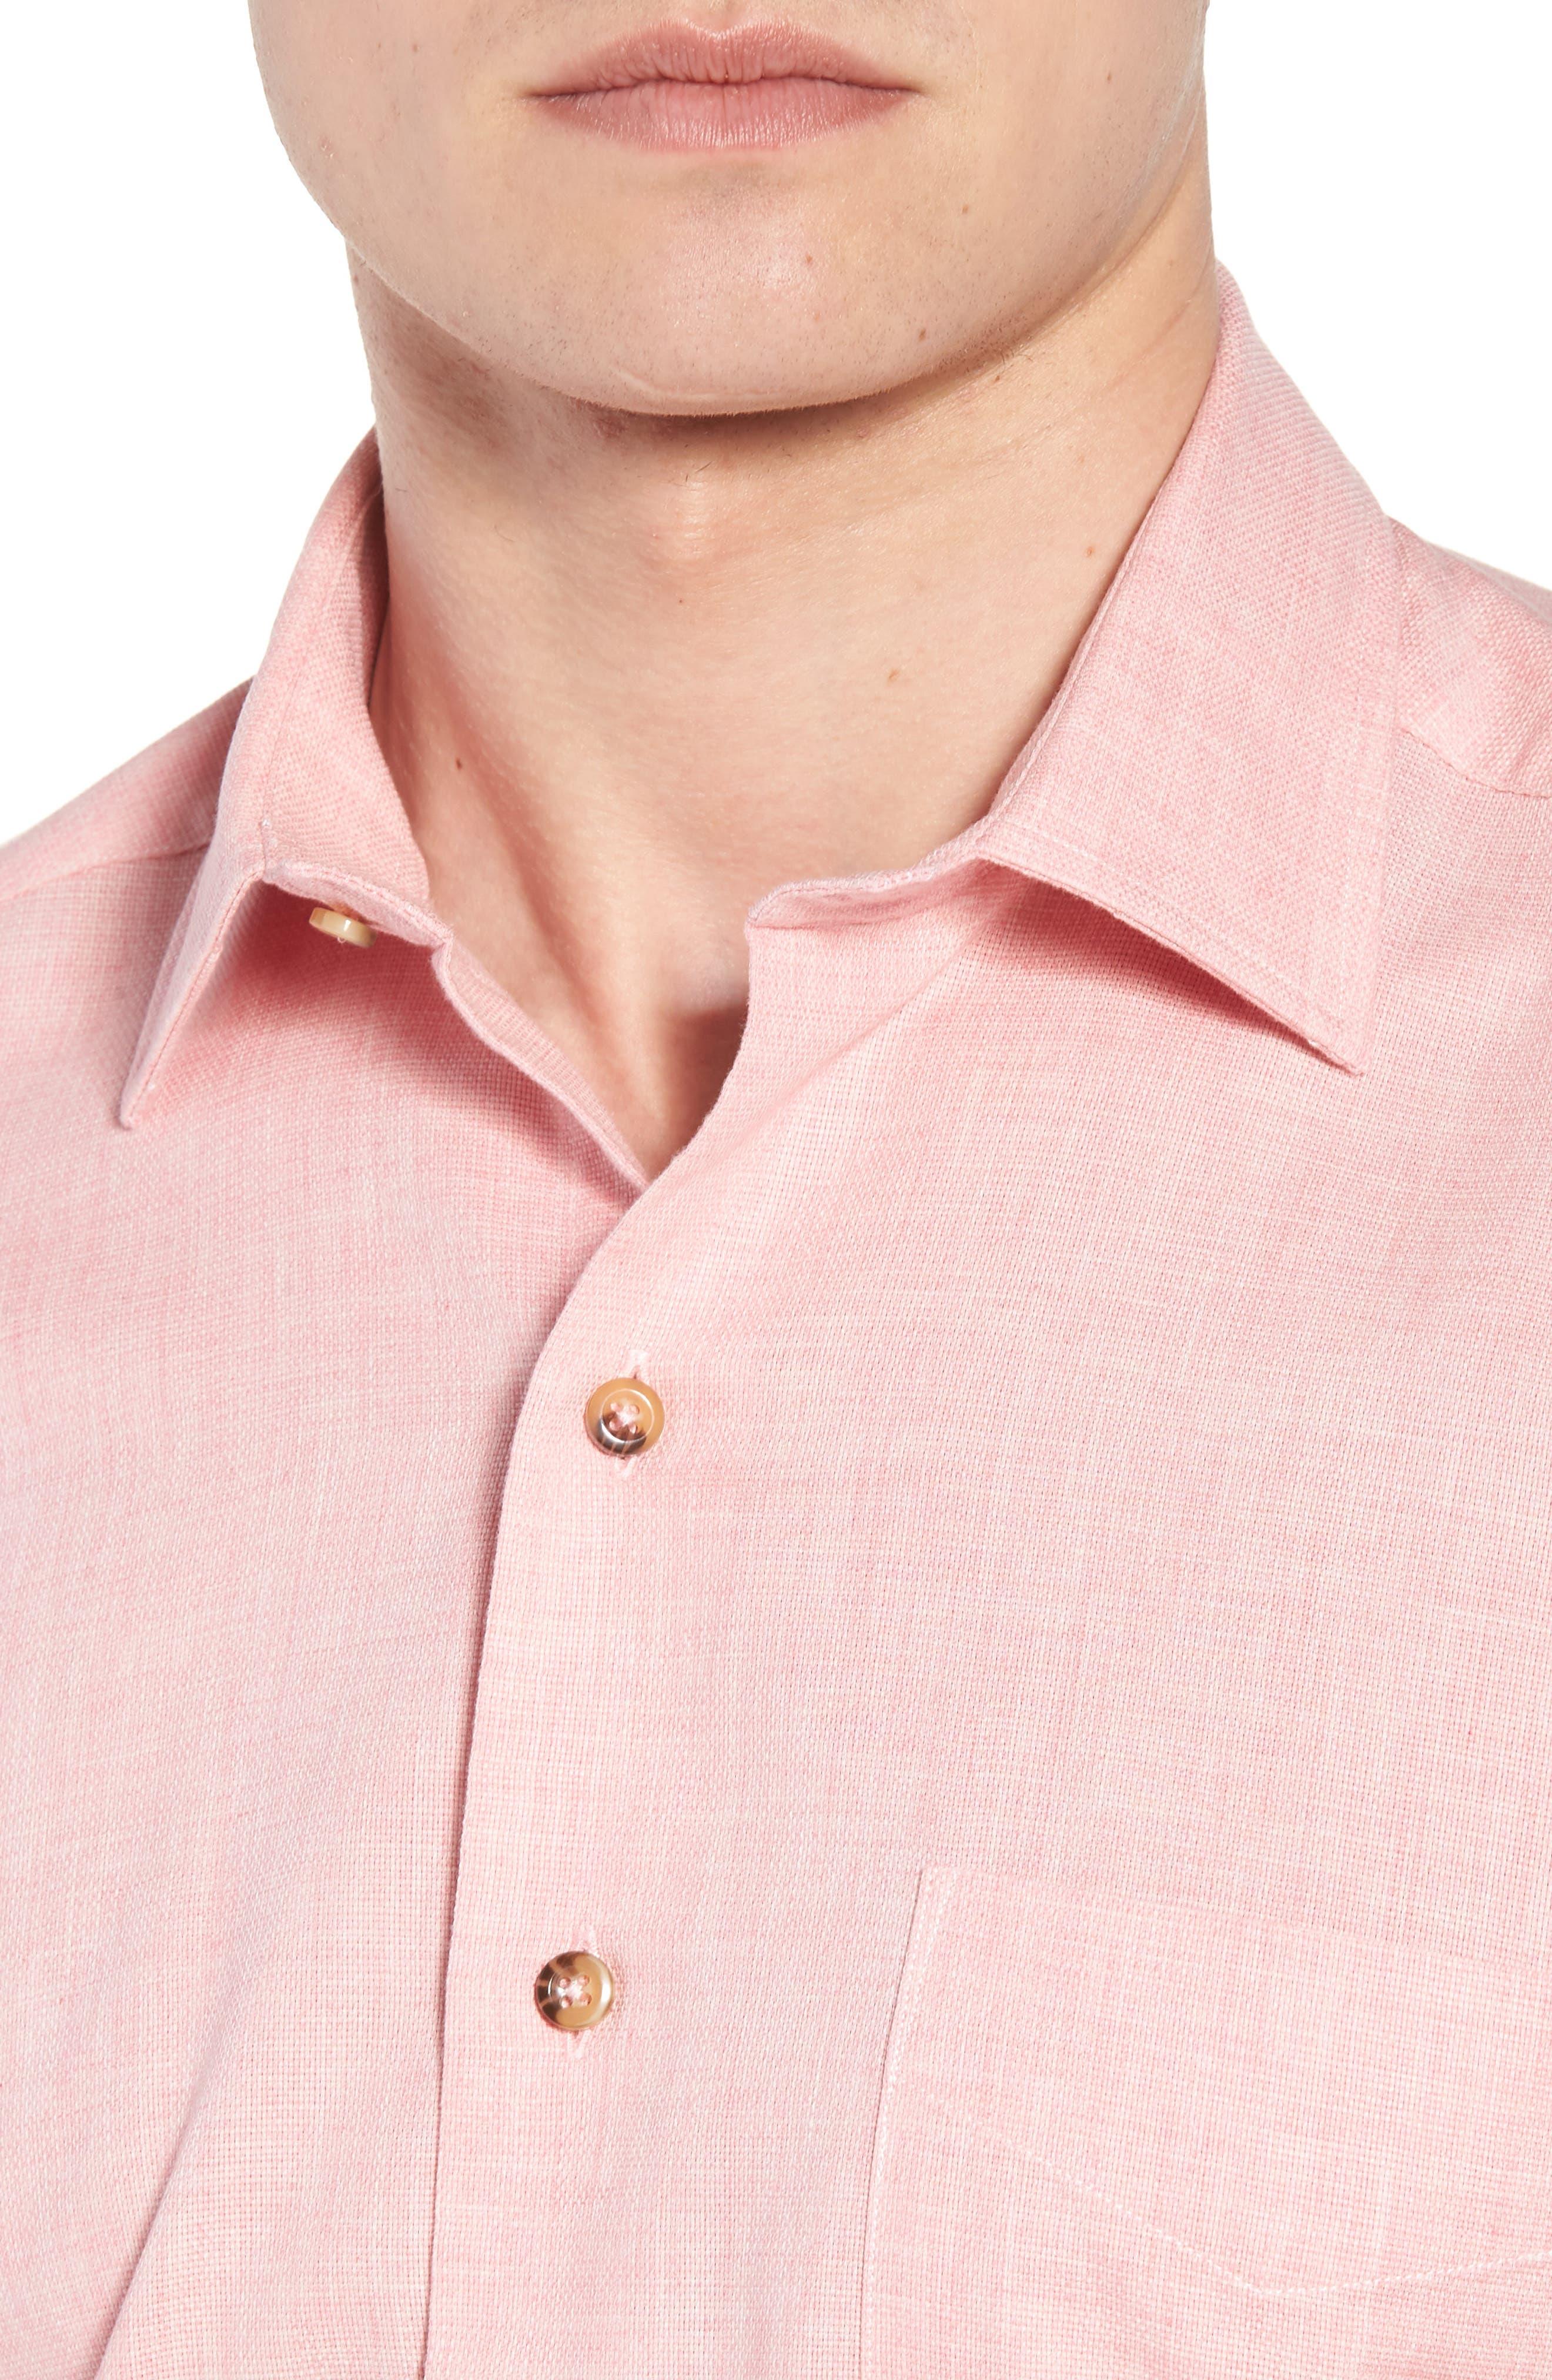 Regular Fit Garment Washed Mélange Sport Shirt,                             Alternate thumbnail 4, color,                             650